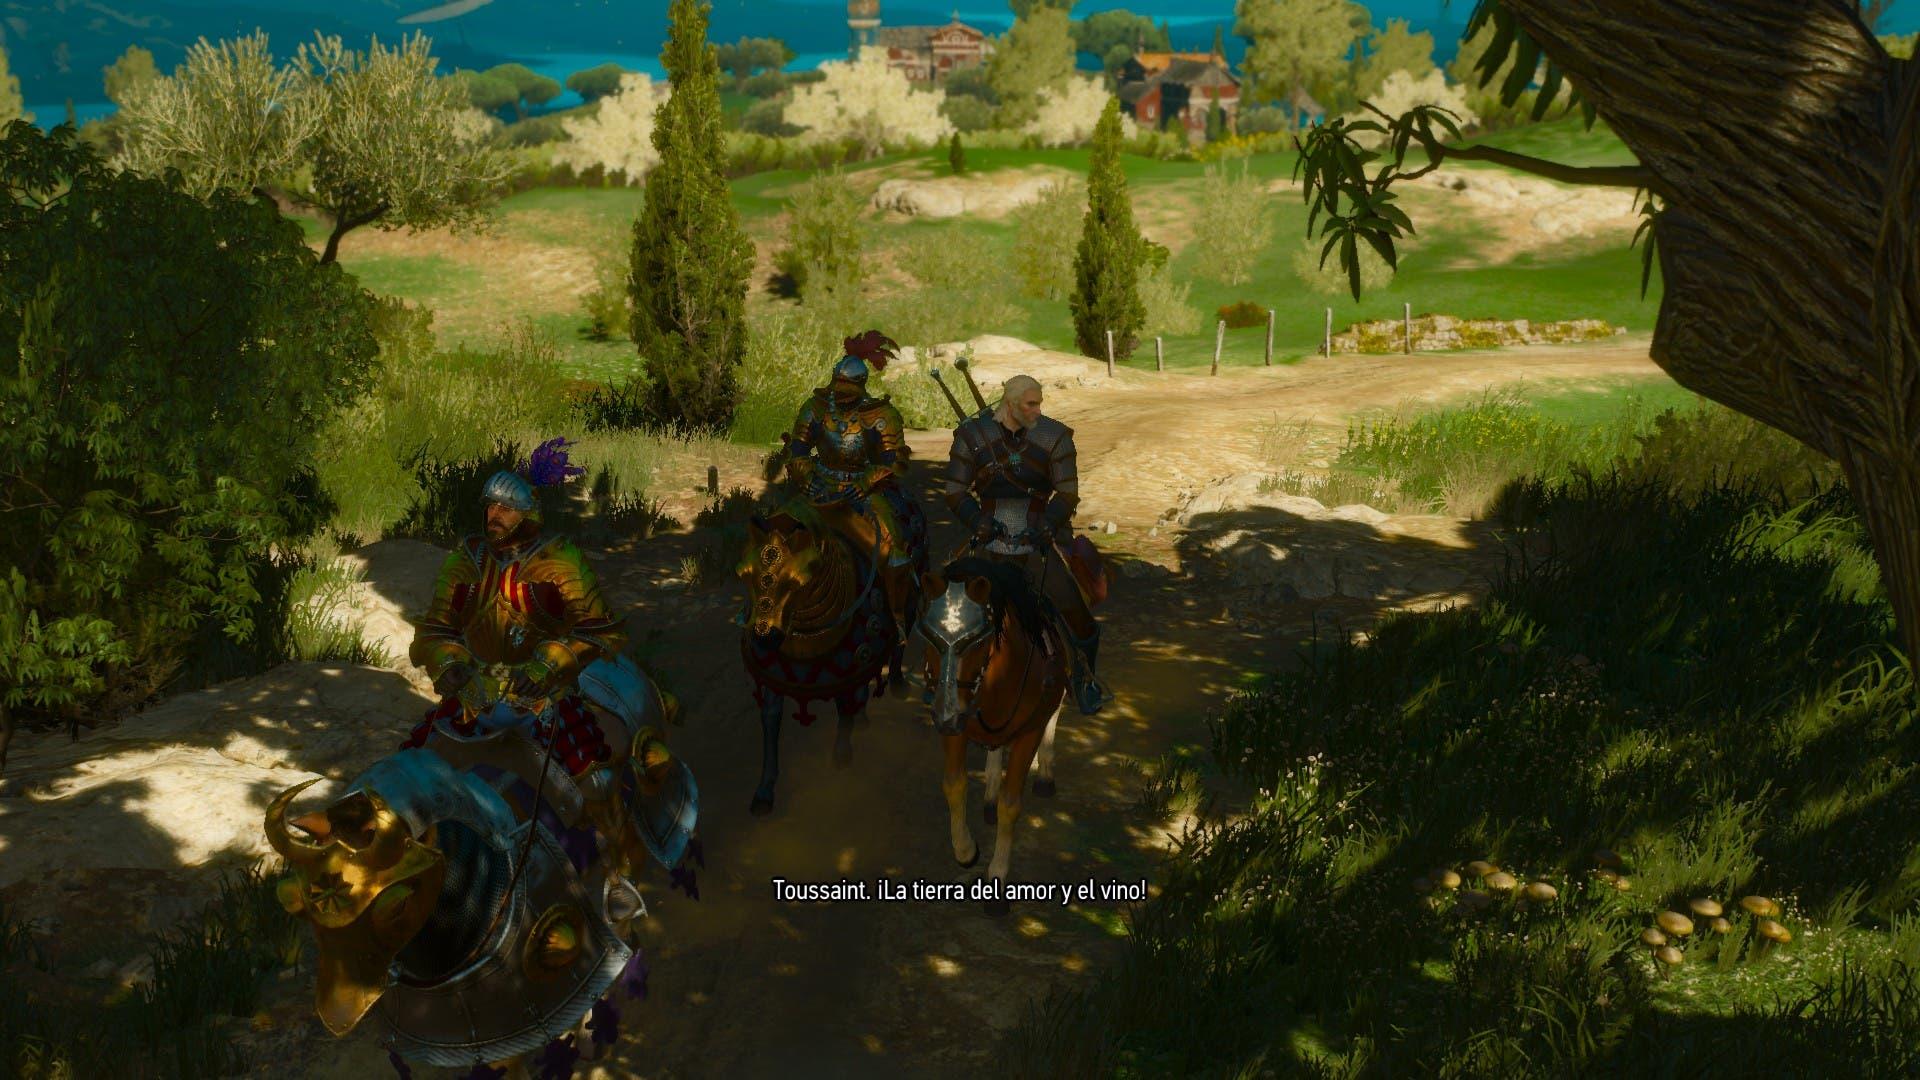 La llegada del brujo a Toussaint